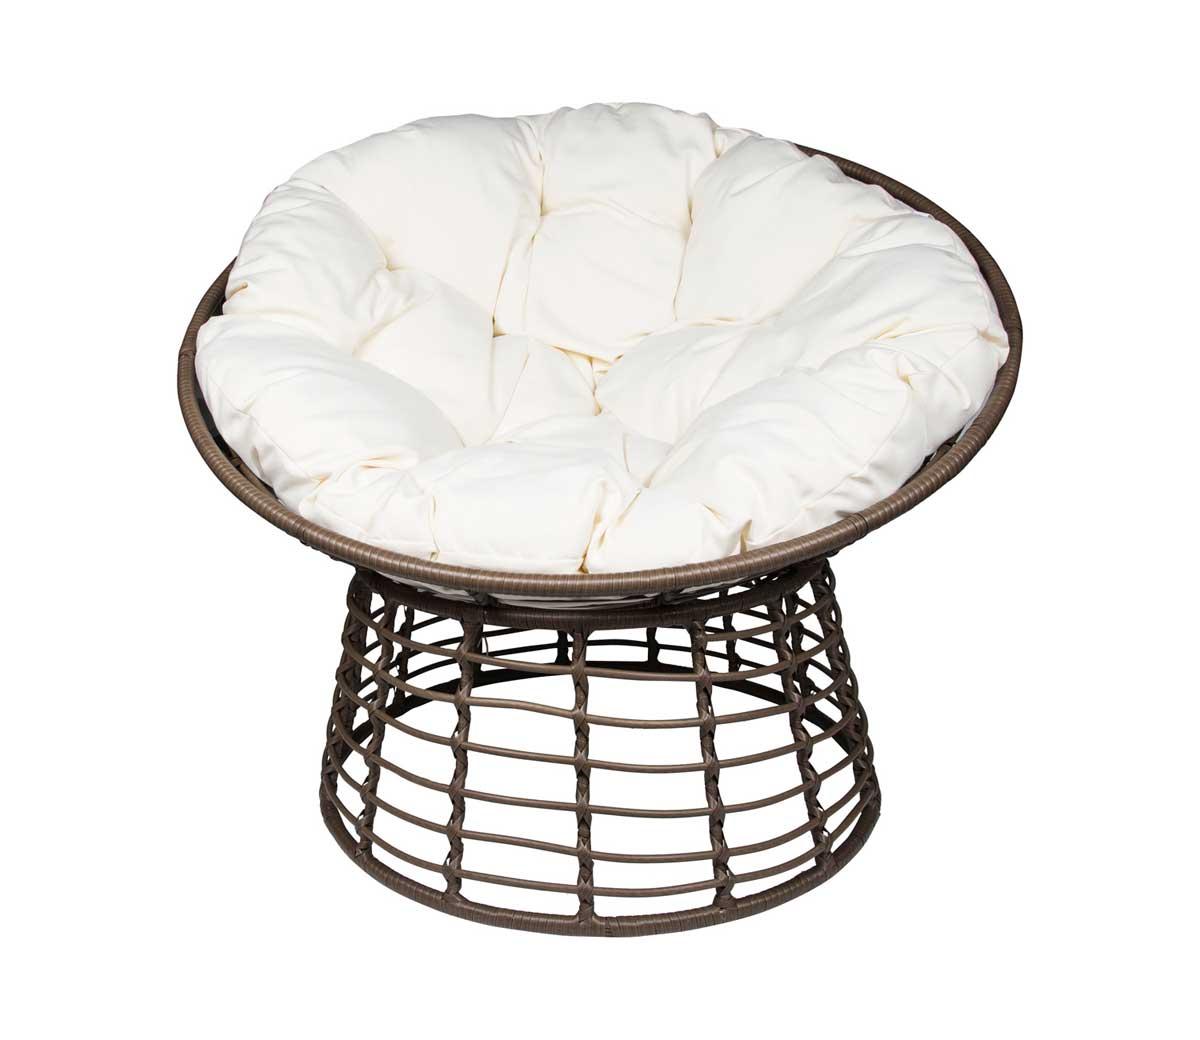 Loveuse de jardin en resine belle et ronde for Decoration pour jardin exterieur 5 cuisine quartz noir